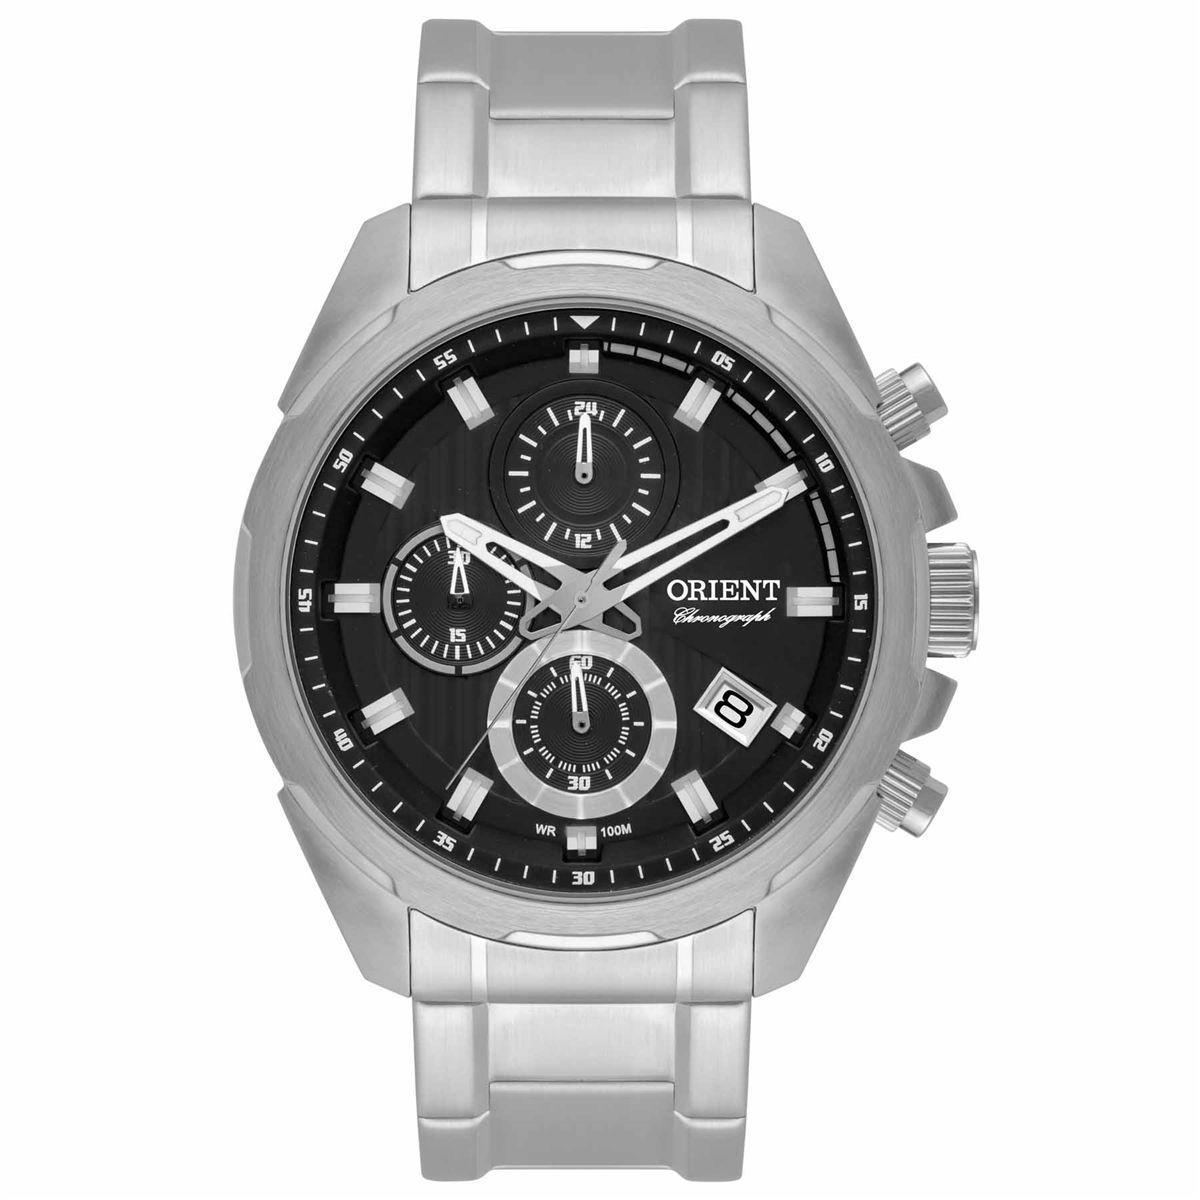 6119a5575d6 Relógio Orient Cronógrafo Analógico Masculino MBSSC153 P1SX Produto não  disponível